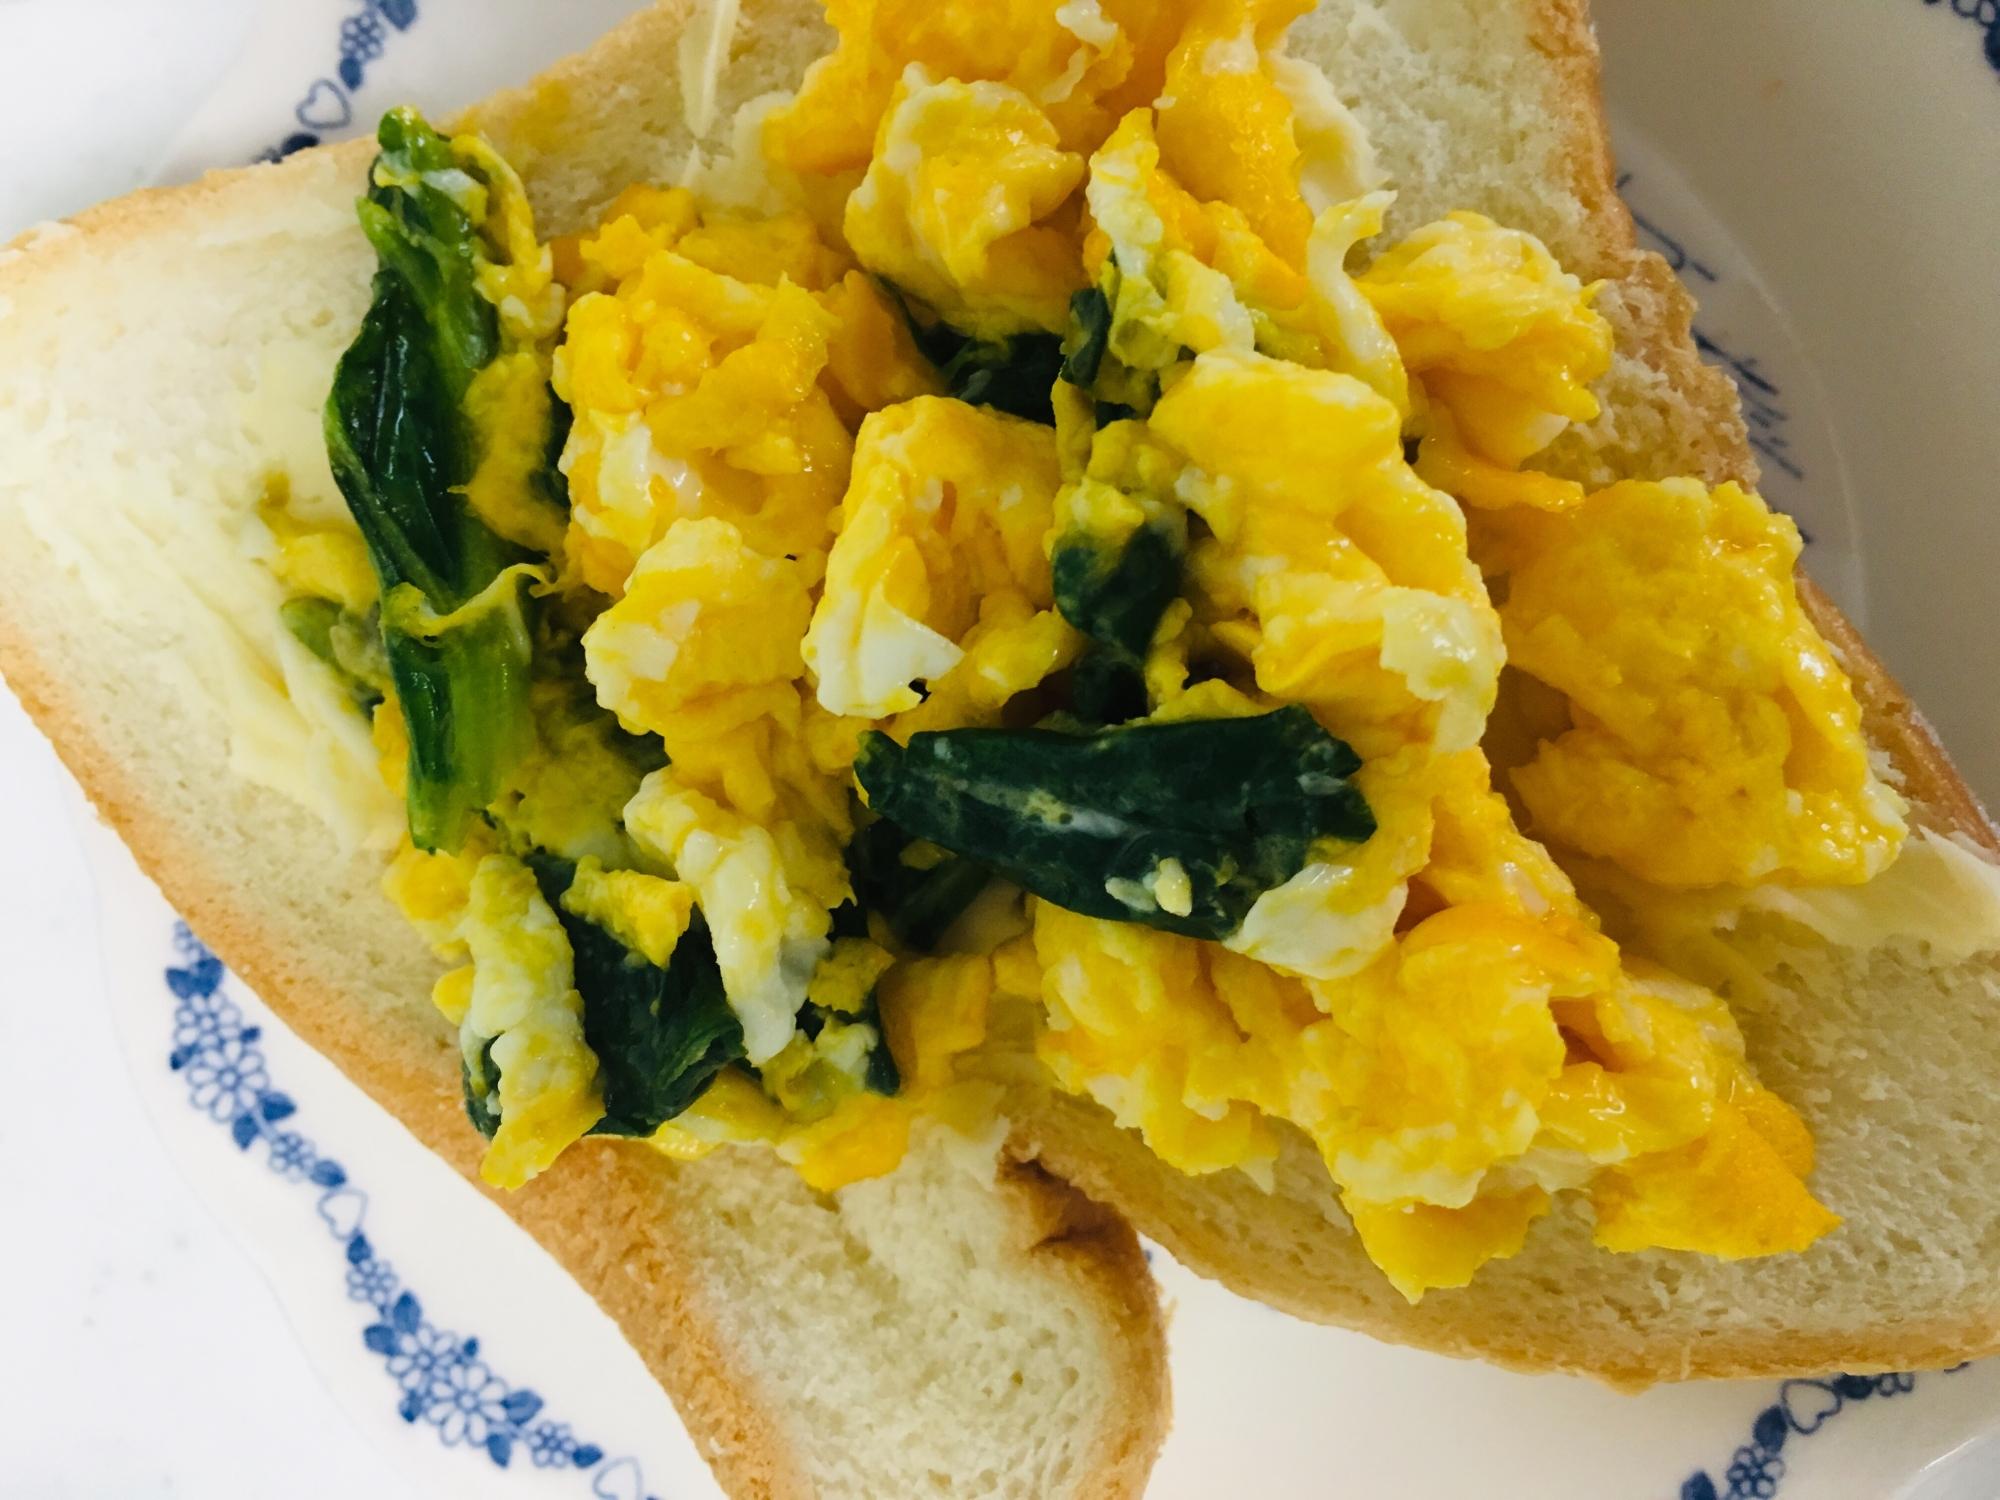 朝ごはんに♪ほうれん草卵パン レシピ・作り方